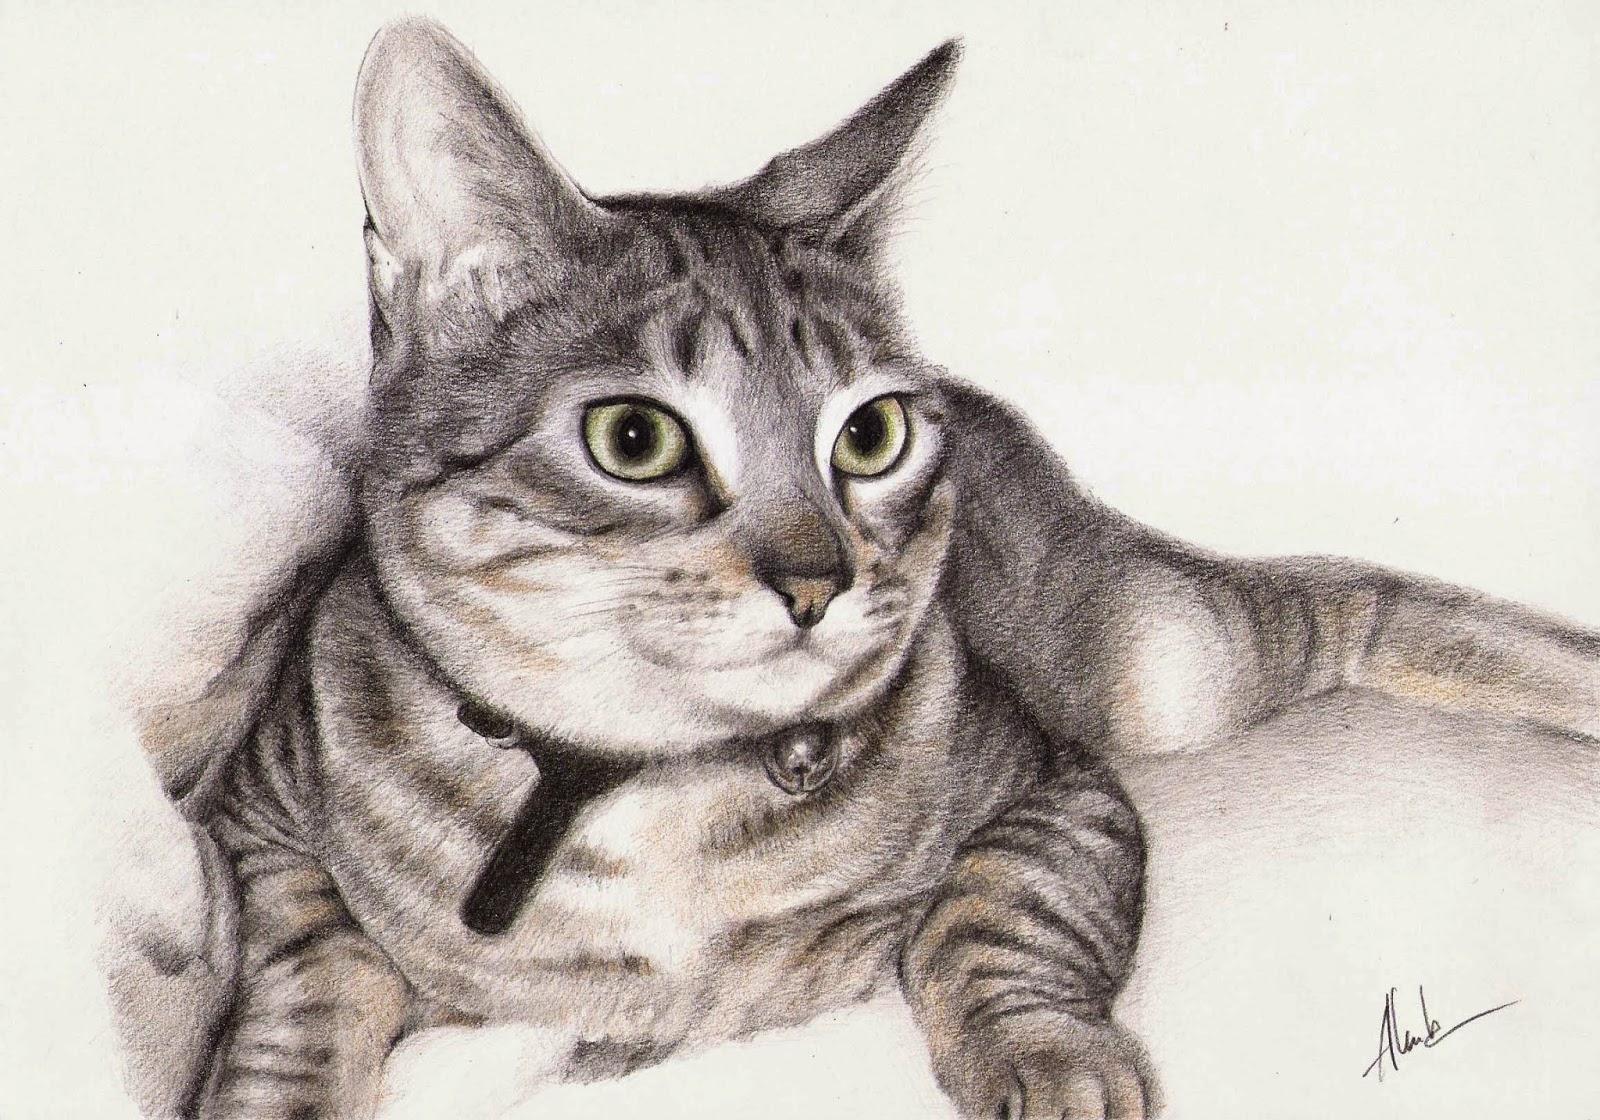 Dibujo realista de un gato